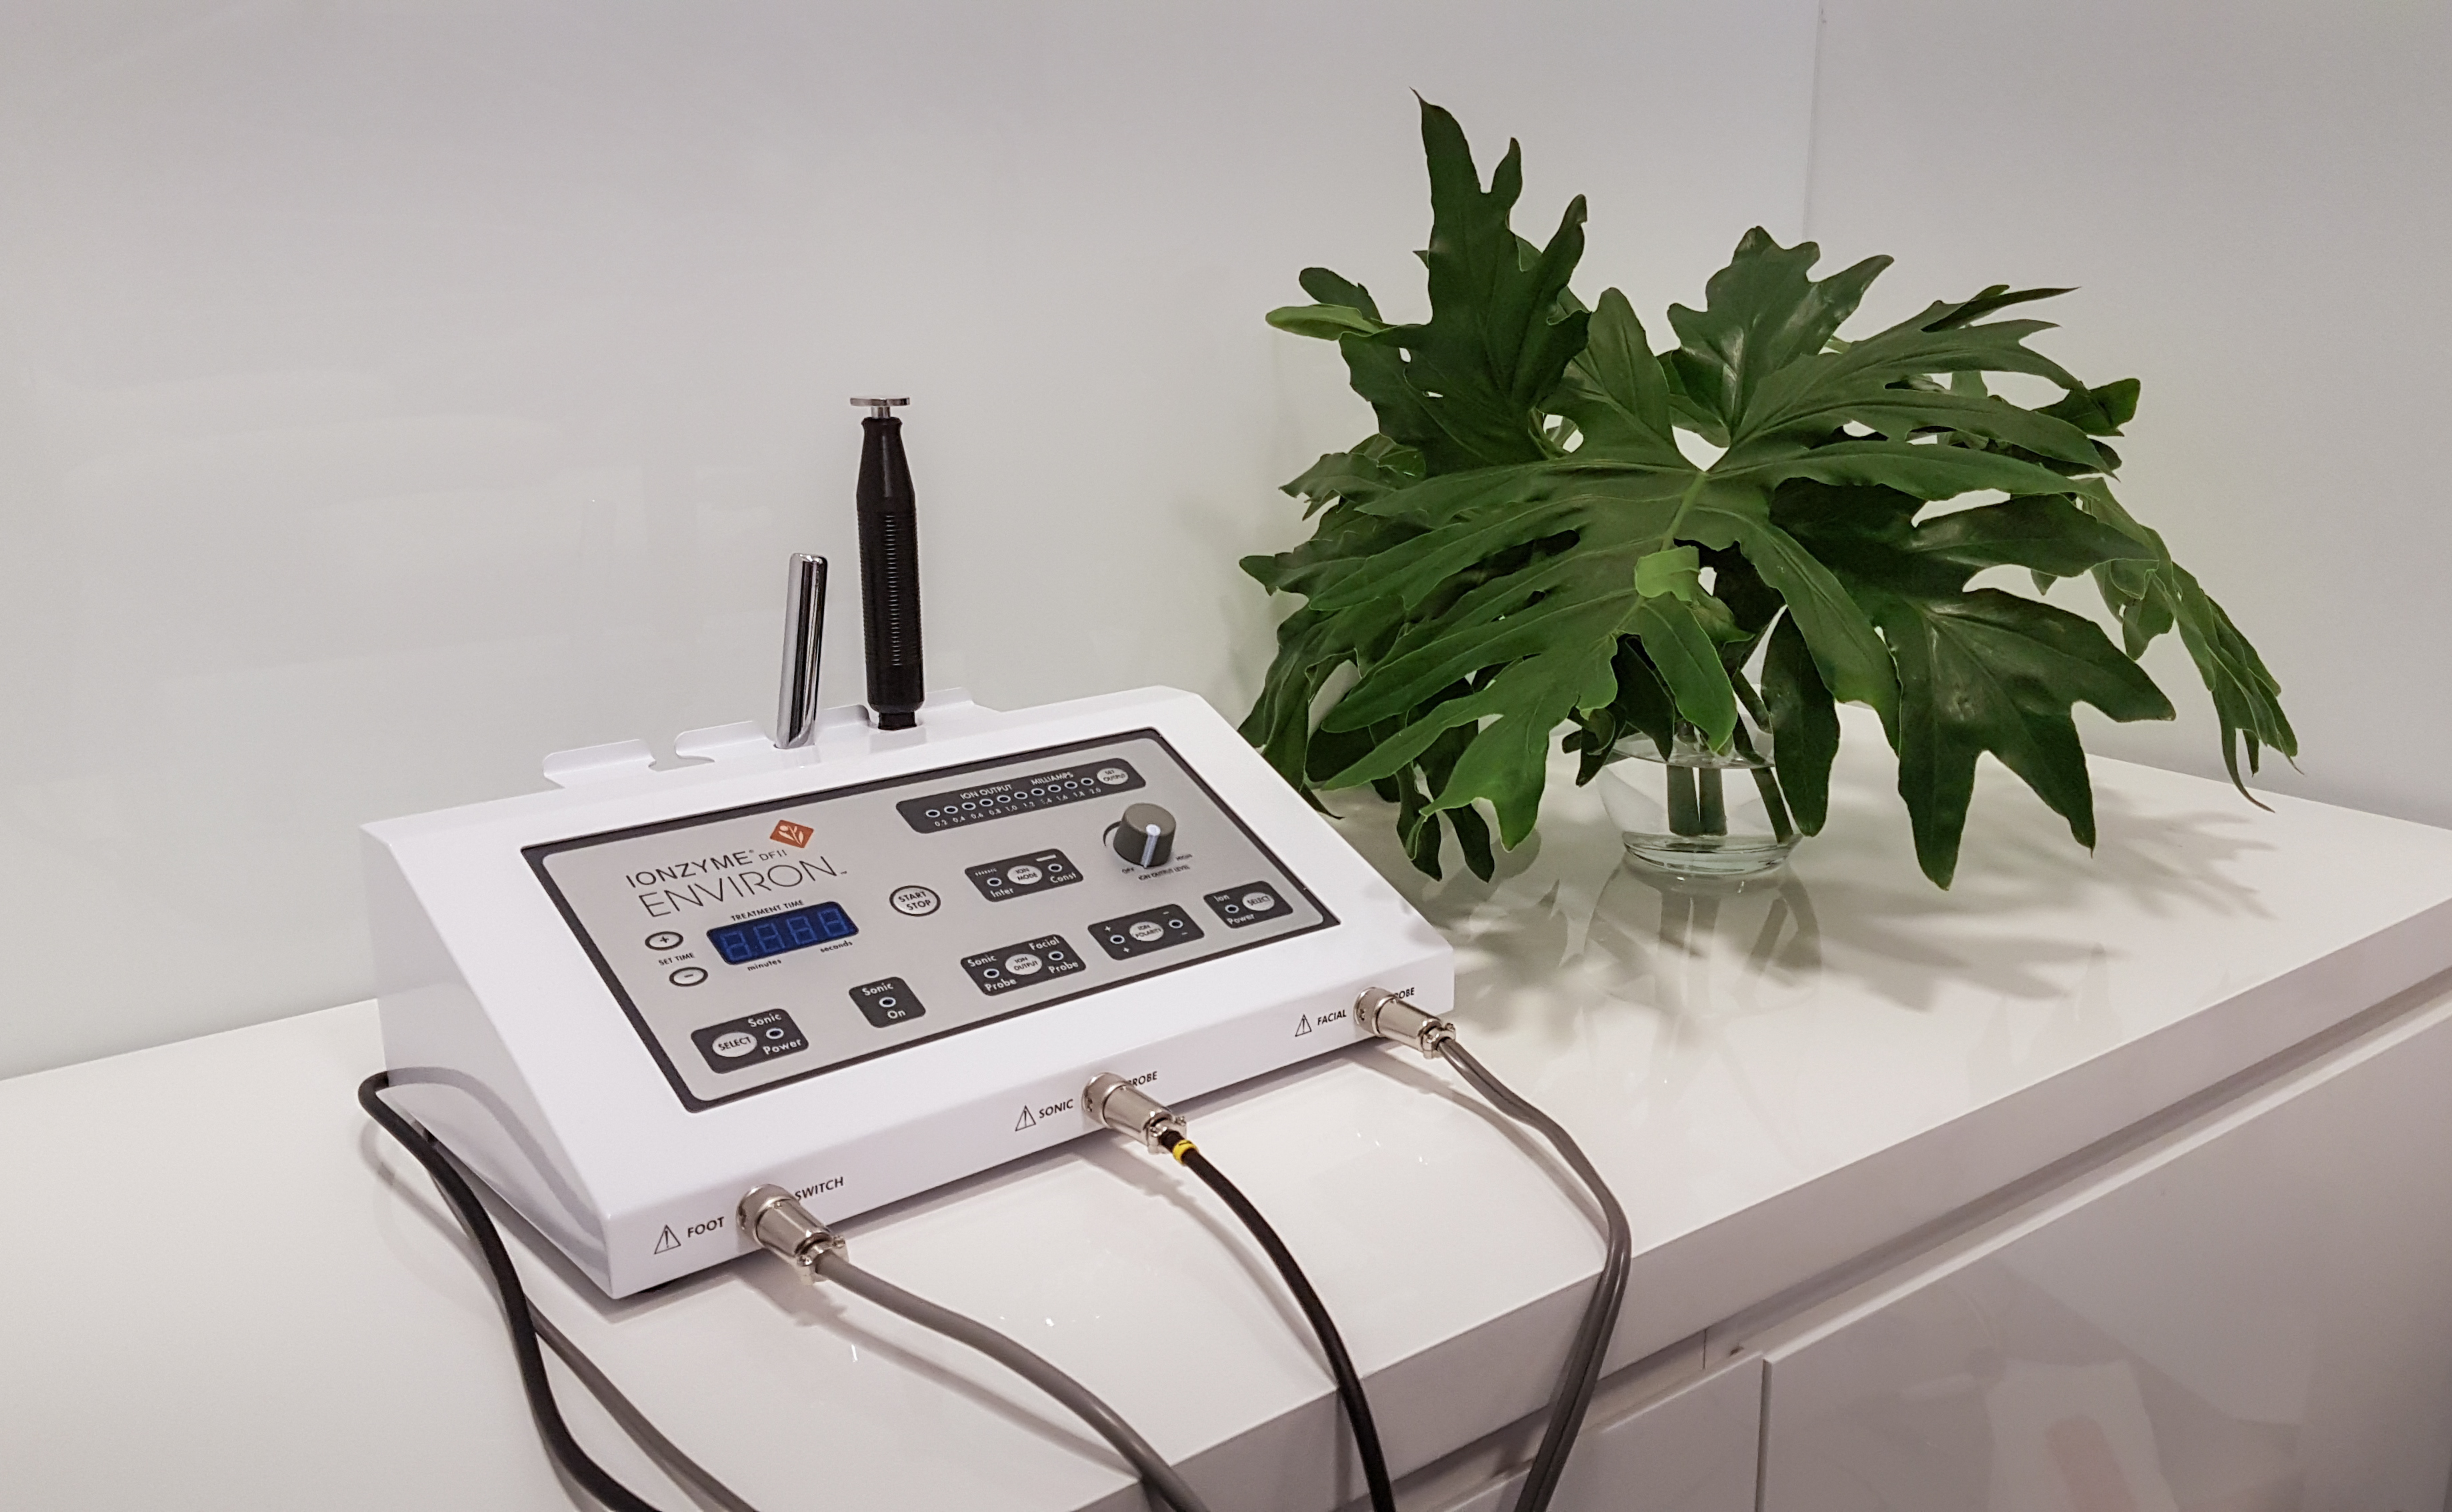 laserowe-love-raciborz-lasery-gabinet-medycyna-estetyczna-kosmetyczka-6